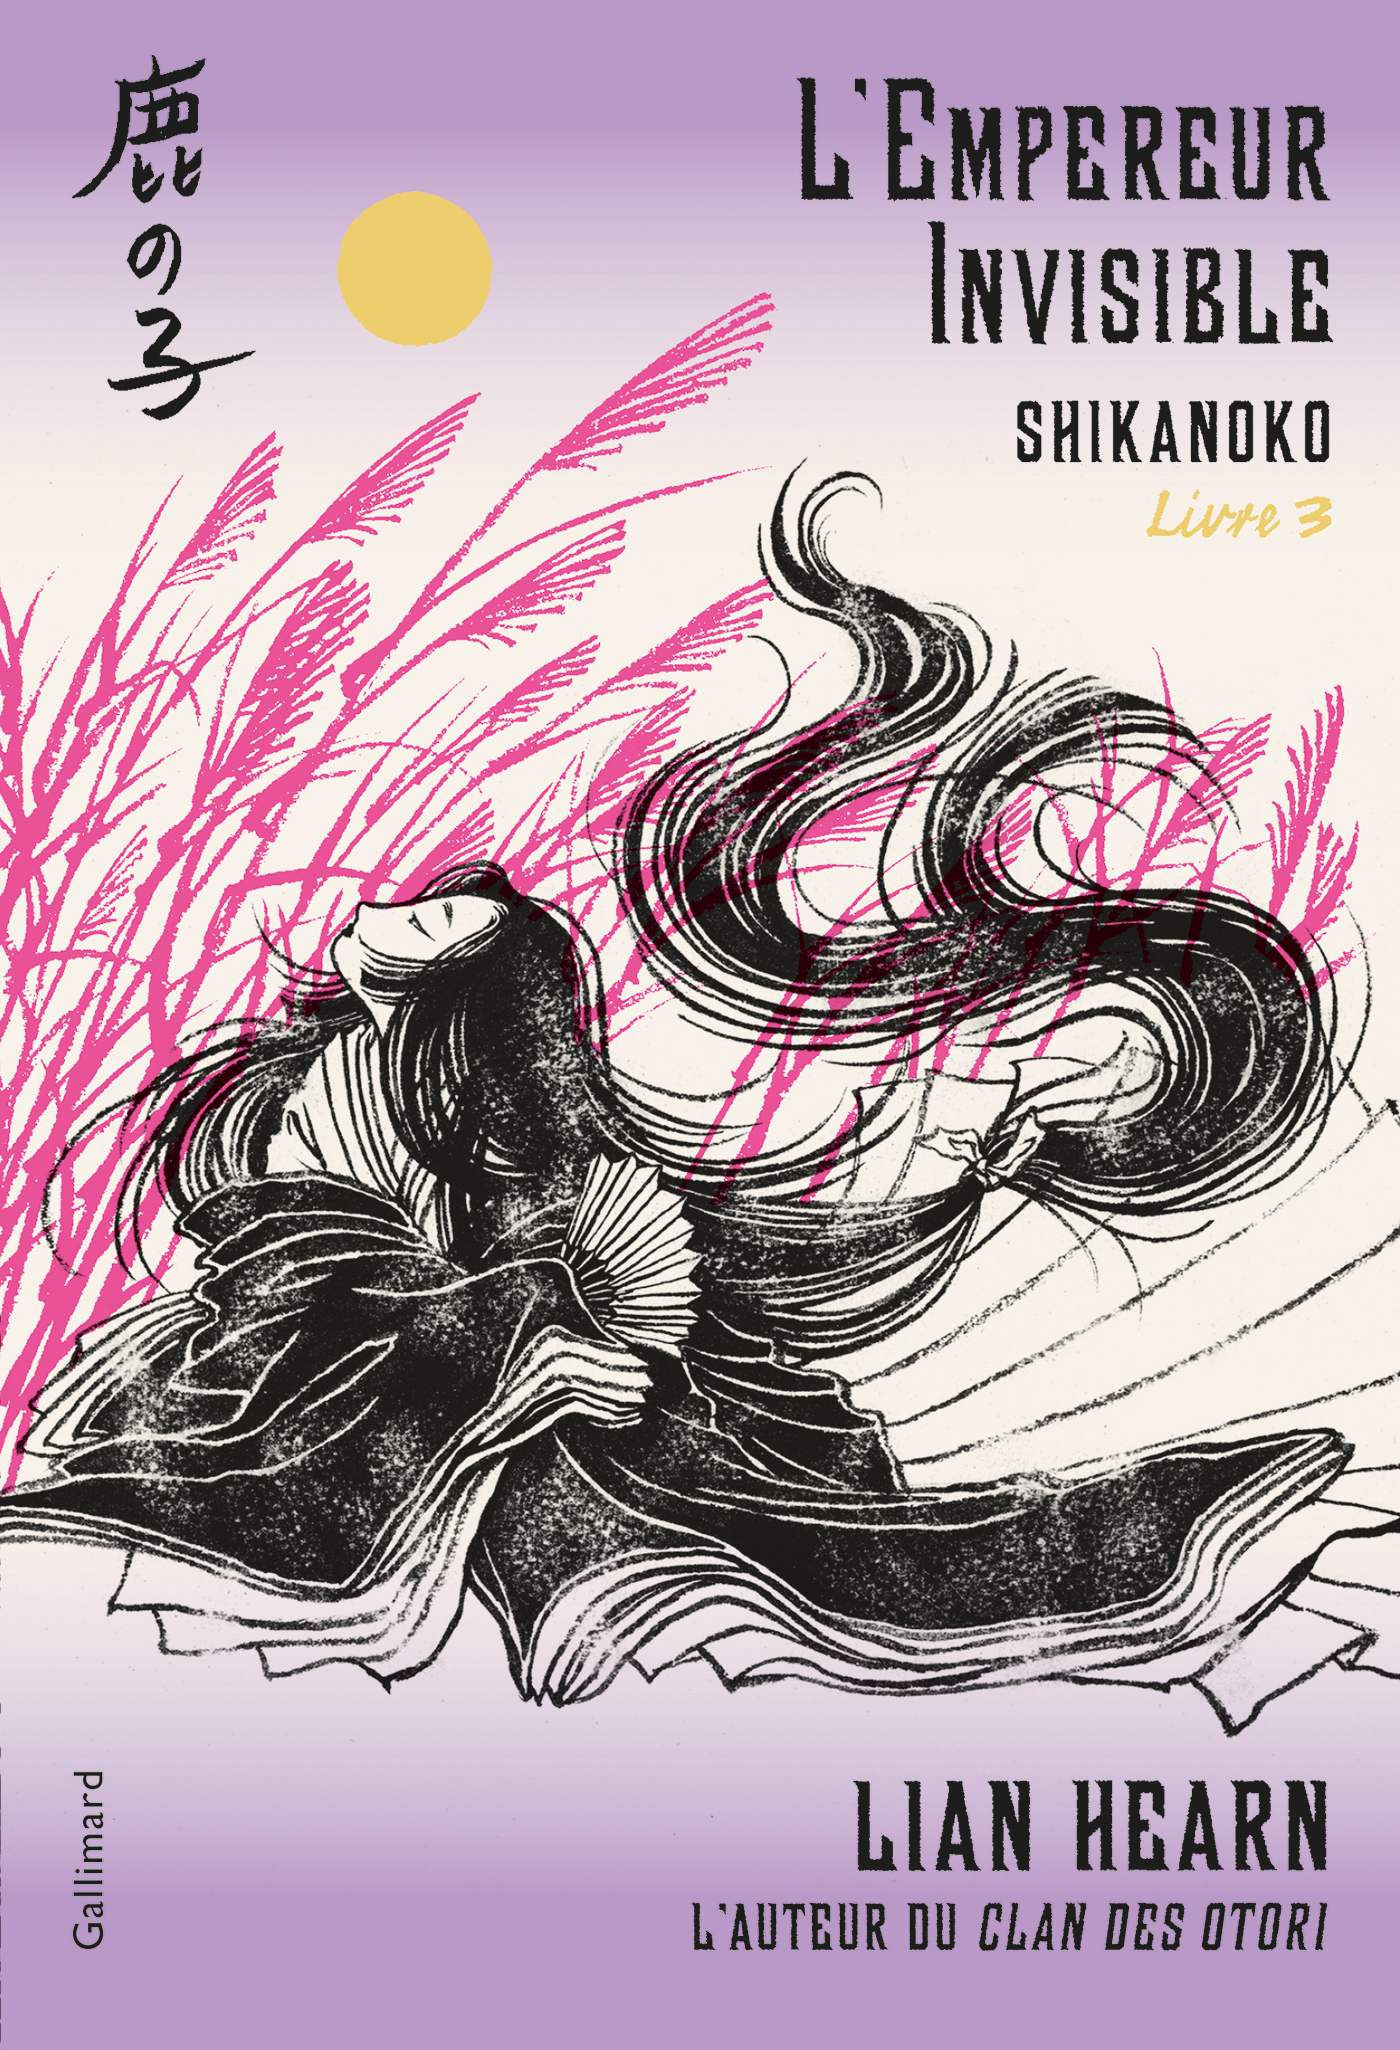 Shikanoko (Livre 3) - L'Empereur Invisible | Hearn, Lian